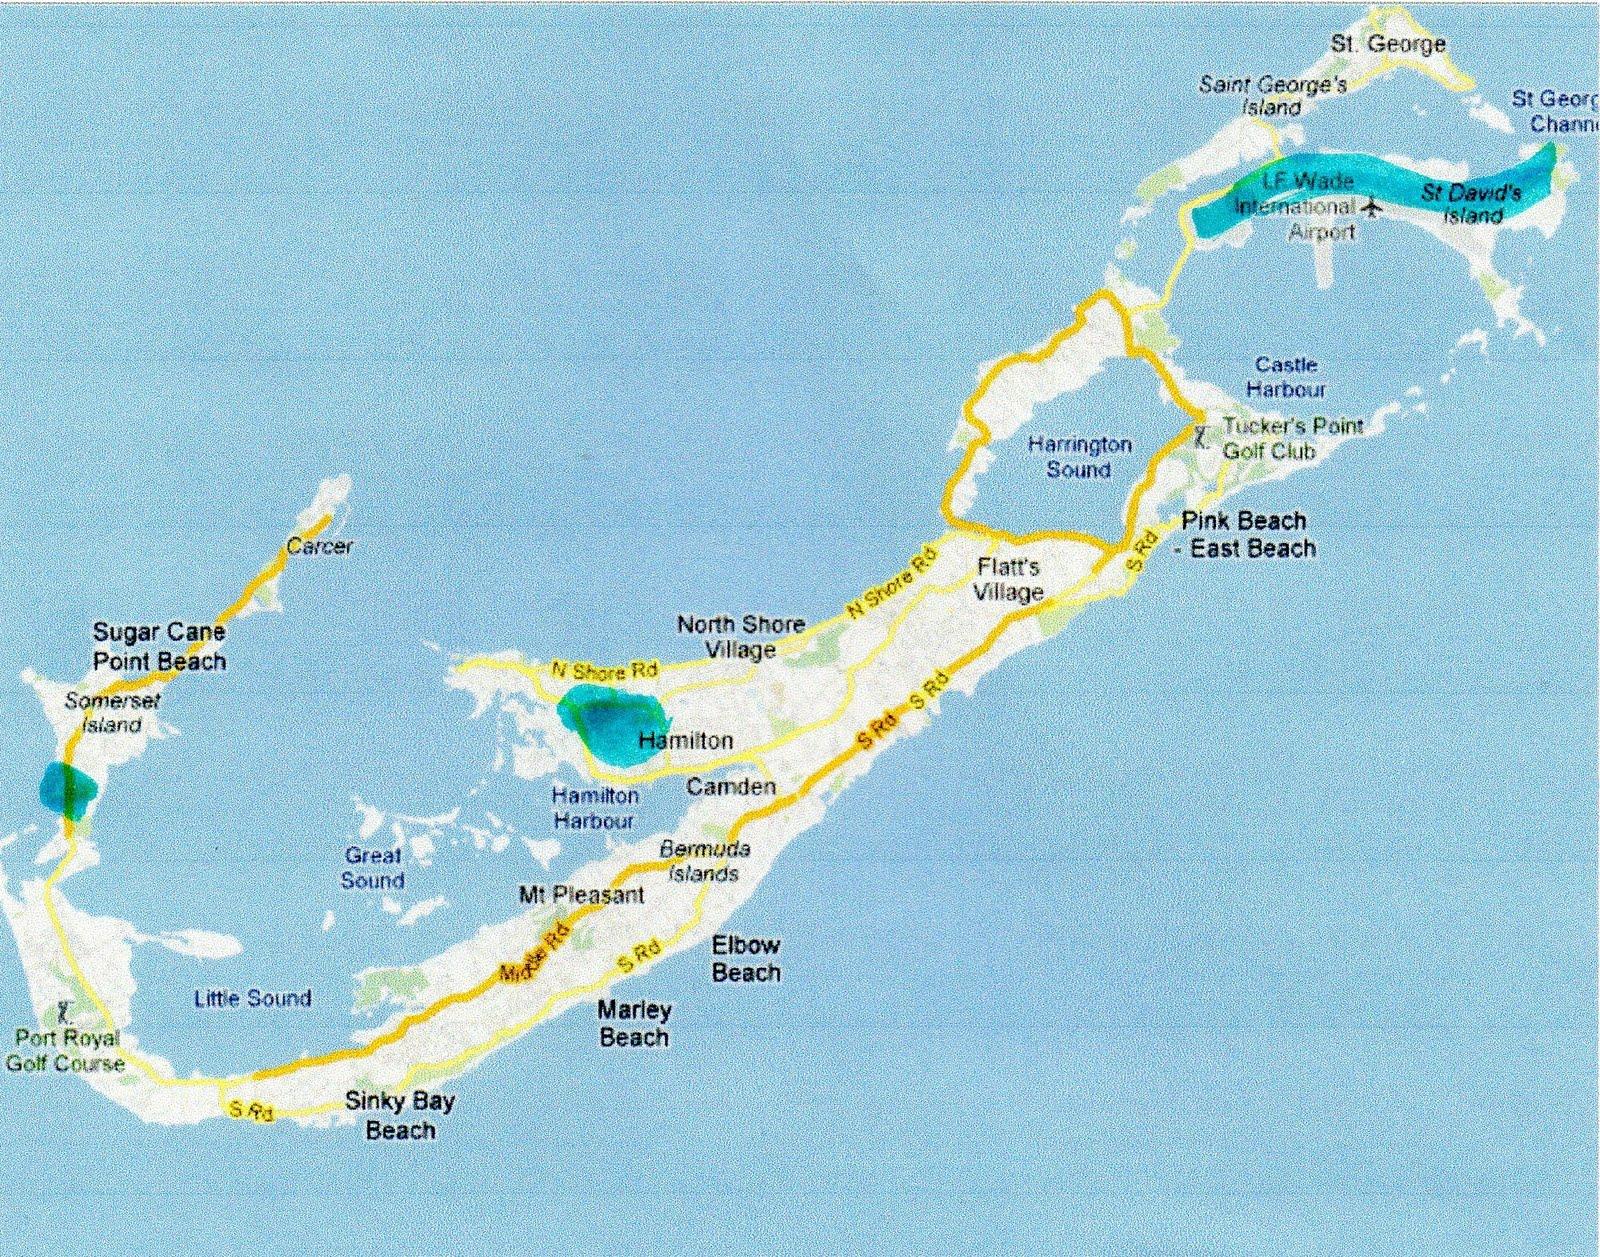 Bermuda Culture, And Bermuda History, Bermuda Map Bermuda Flag on driving map of bermuda, language of bermuda, political map of bermuda, weather of bermuda, full map of bermuda, detailed world map, map of the bermuda, map of pembroke bermuda, satellite map of bermuda, map of caribbean islands and bermuda, world map bermuda, small map of bermuda, street map of bermuda, order a map of bermuda, road map of bermuda, google maps bermuda, photographs of bermuda, printable map of bermuda, map showing bermuda,